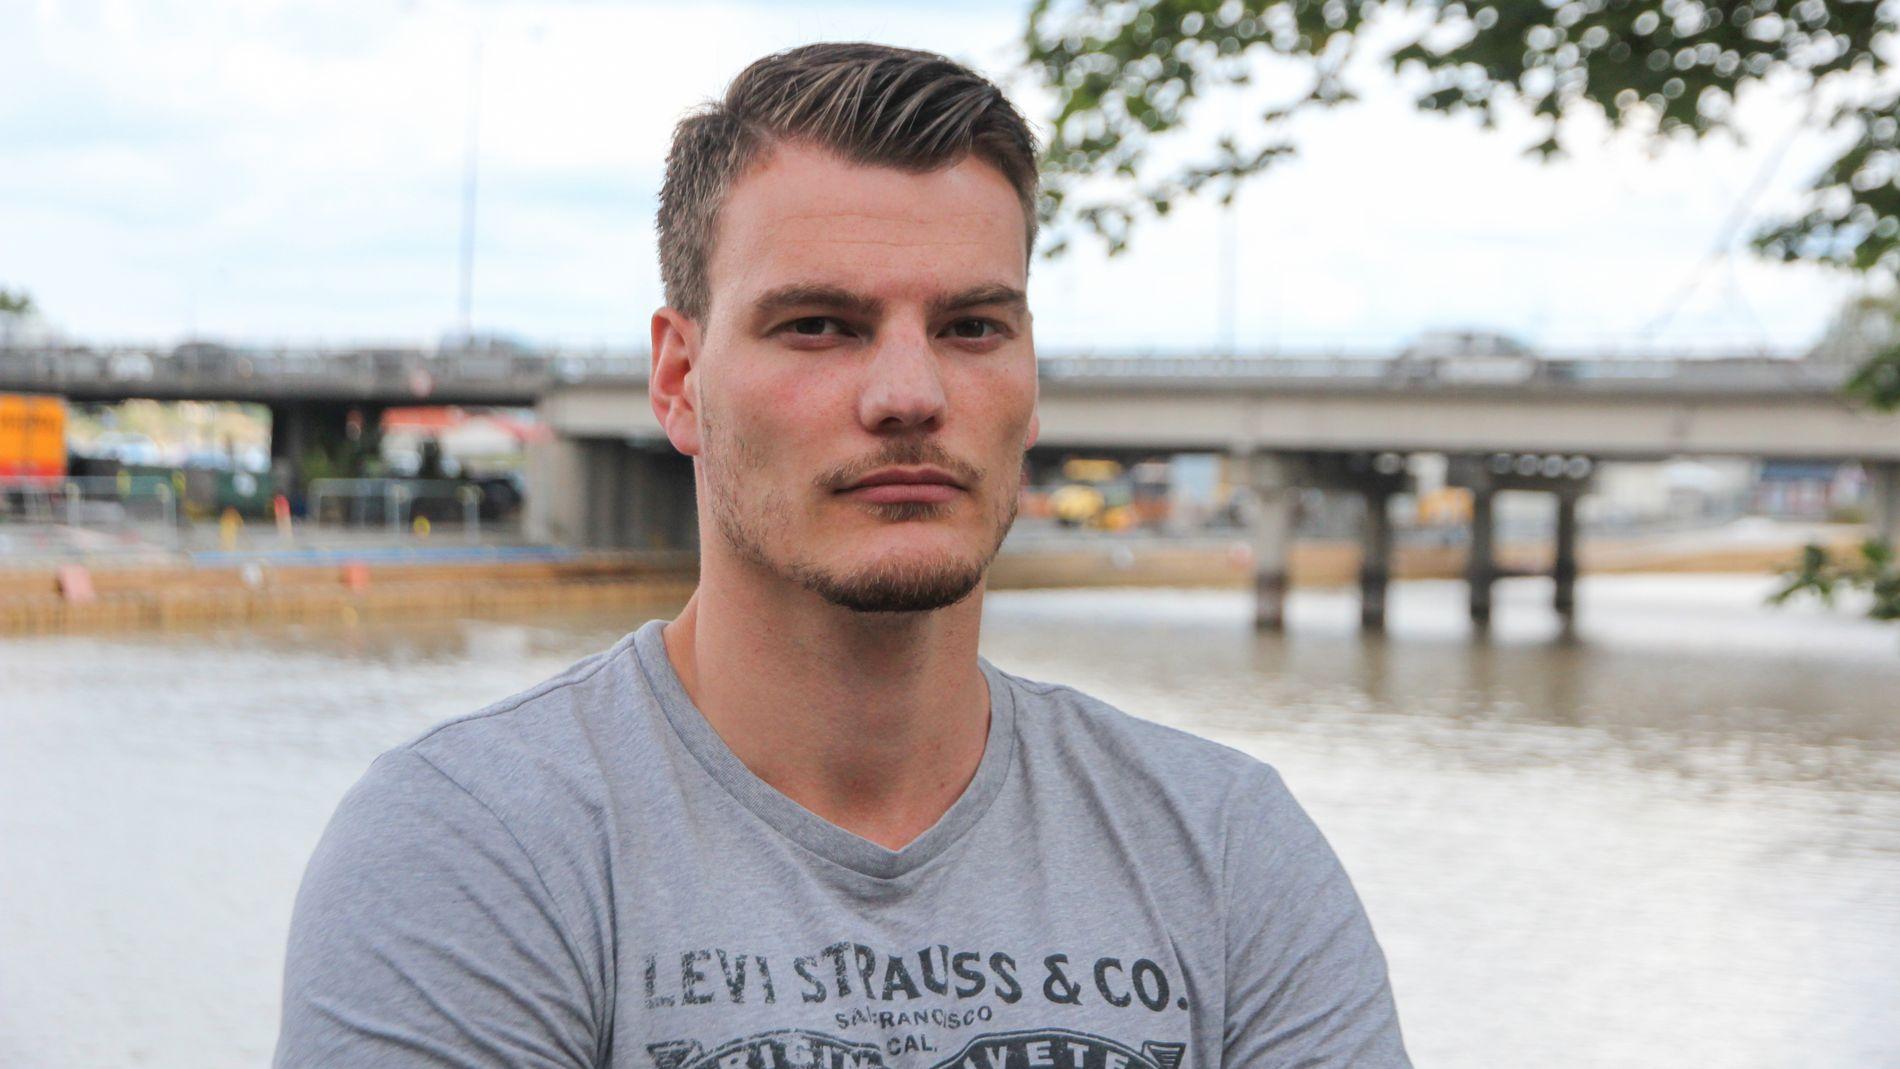 LEI: Fredrik Eriksen er glad for at 16 måneder med daglige oppringninger er over. Nå ønsker han seg en unnskyldning fra Santander.